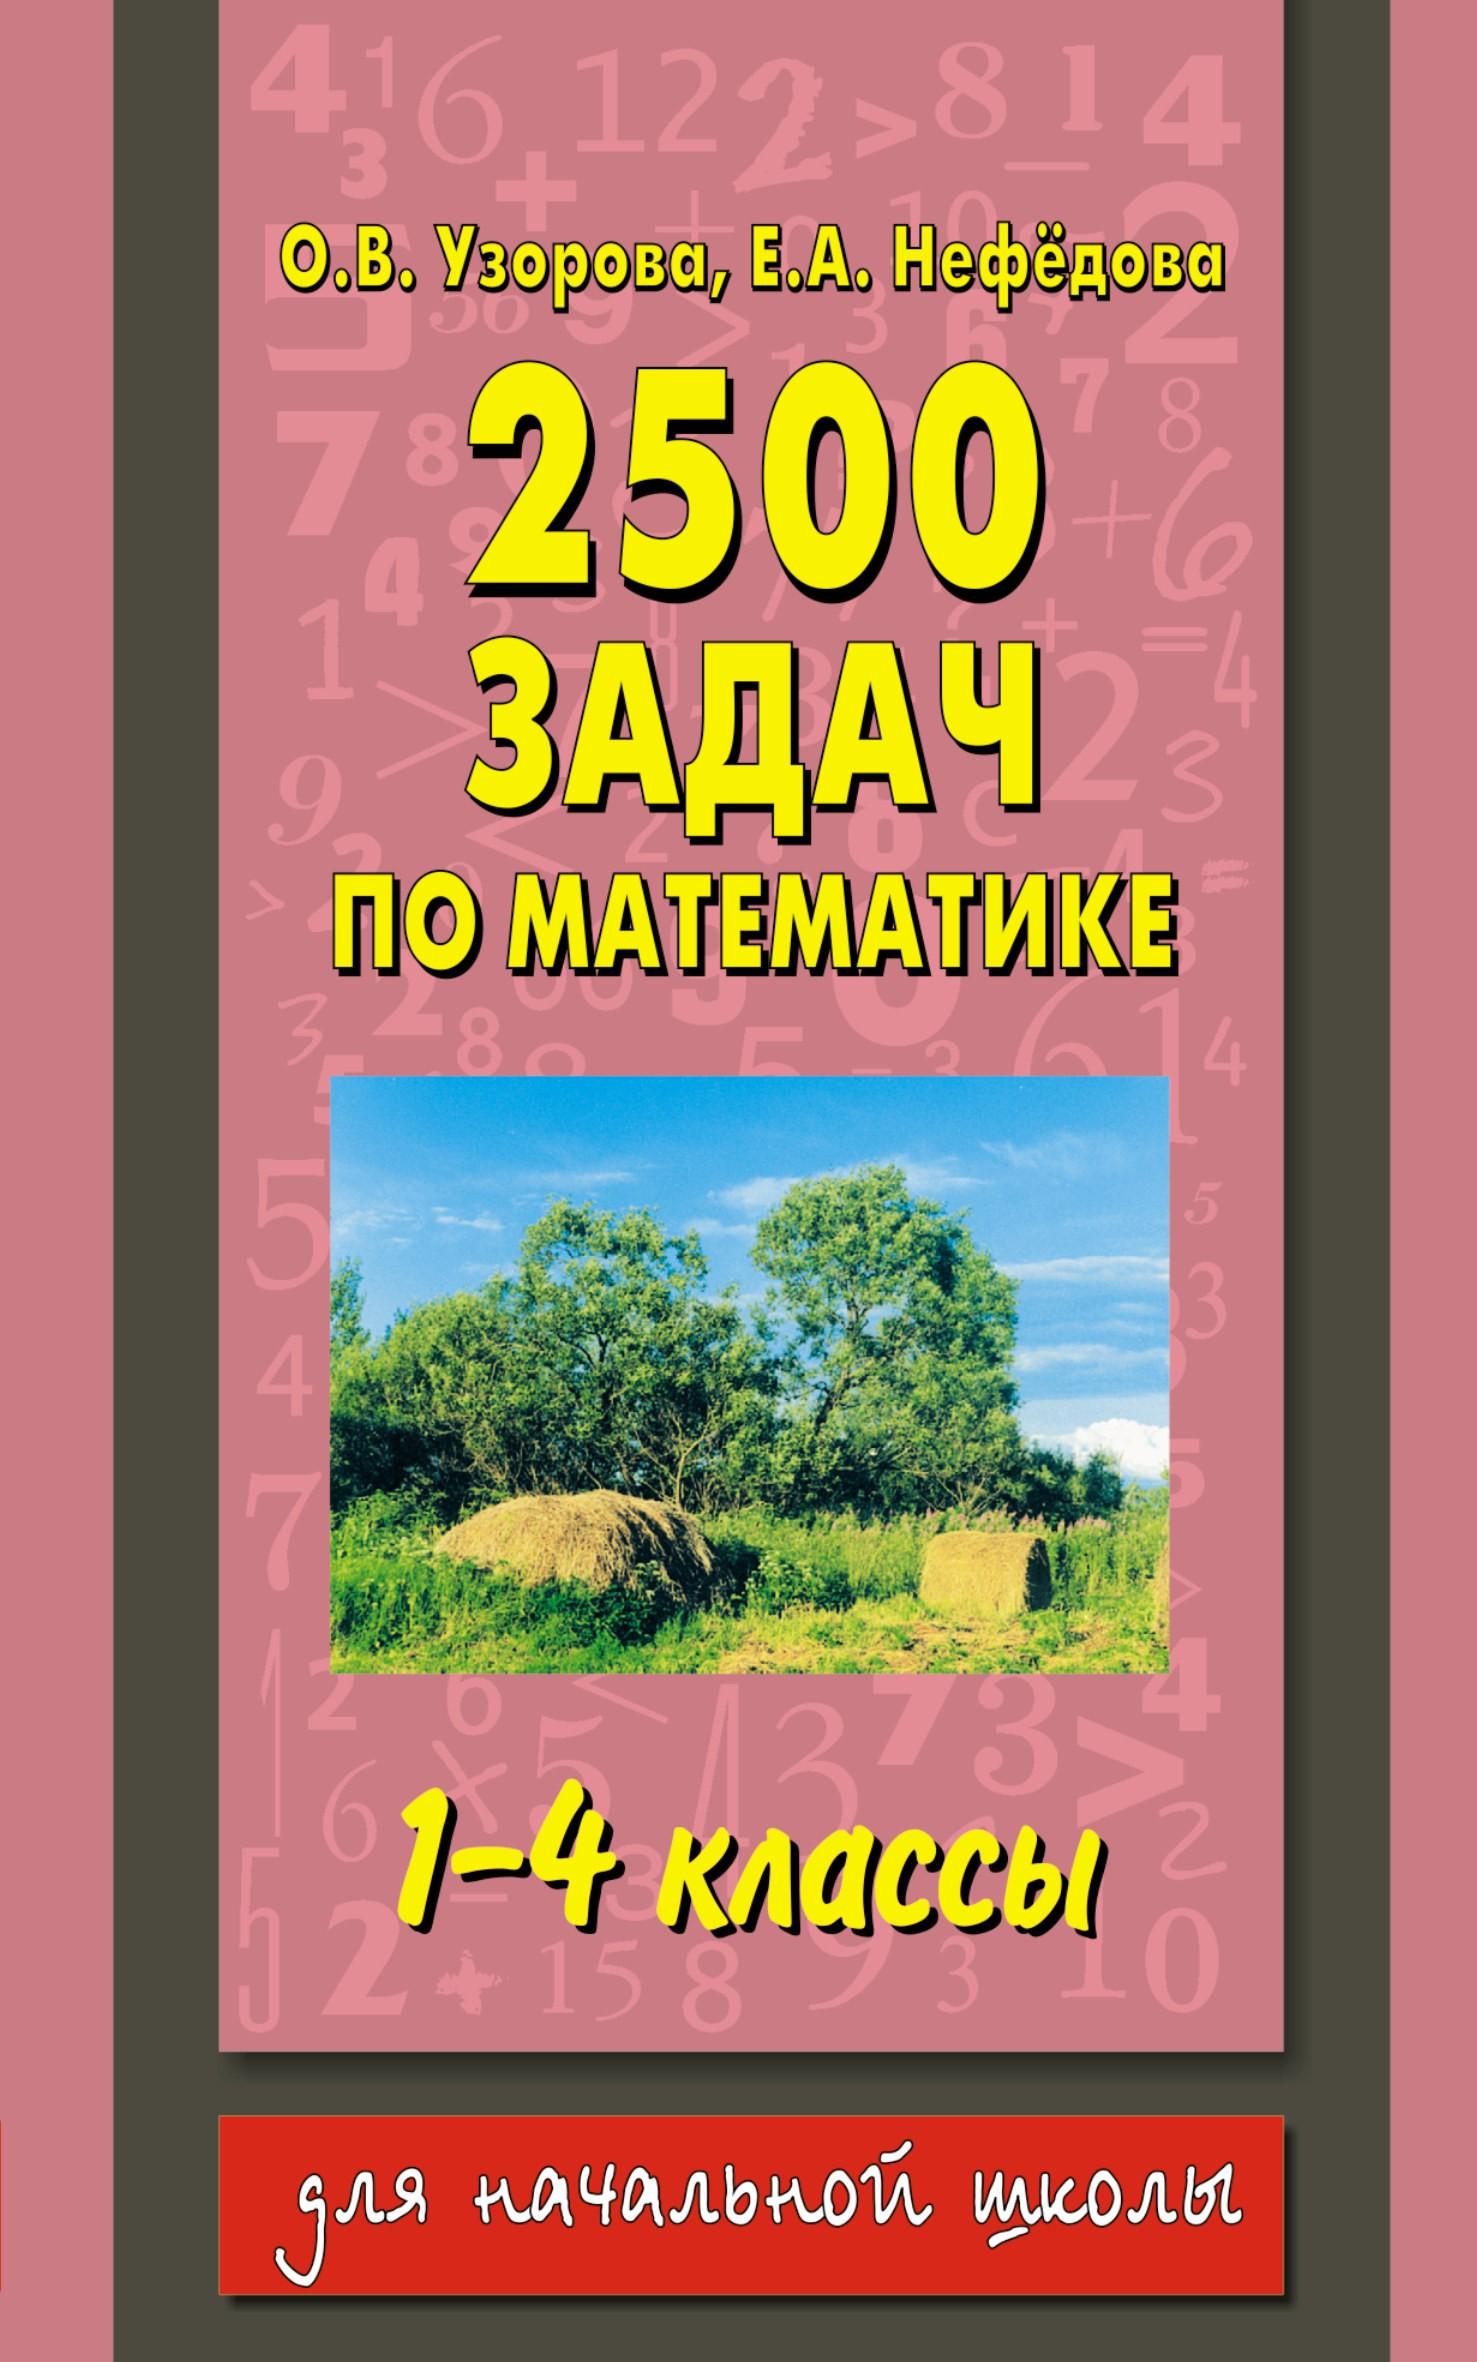 Задач решебник к узорова 2500 нефедова математике по